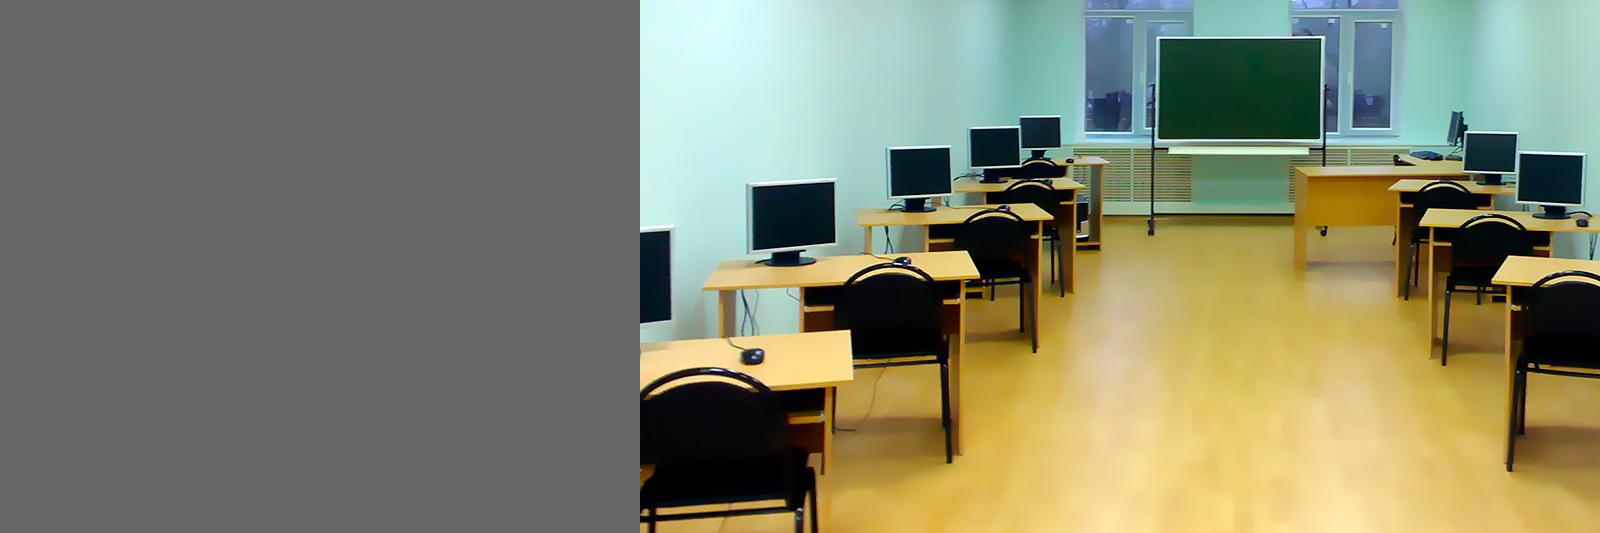 Одноместные компьютерные столы на заказ по индивидуальным размерам для школы